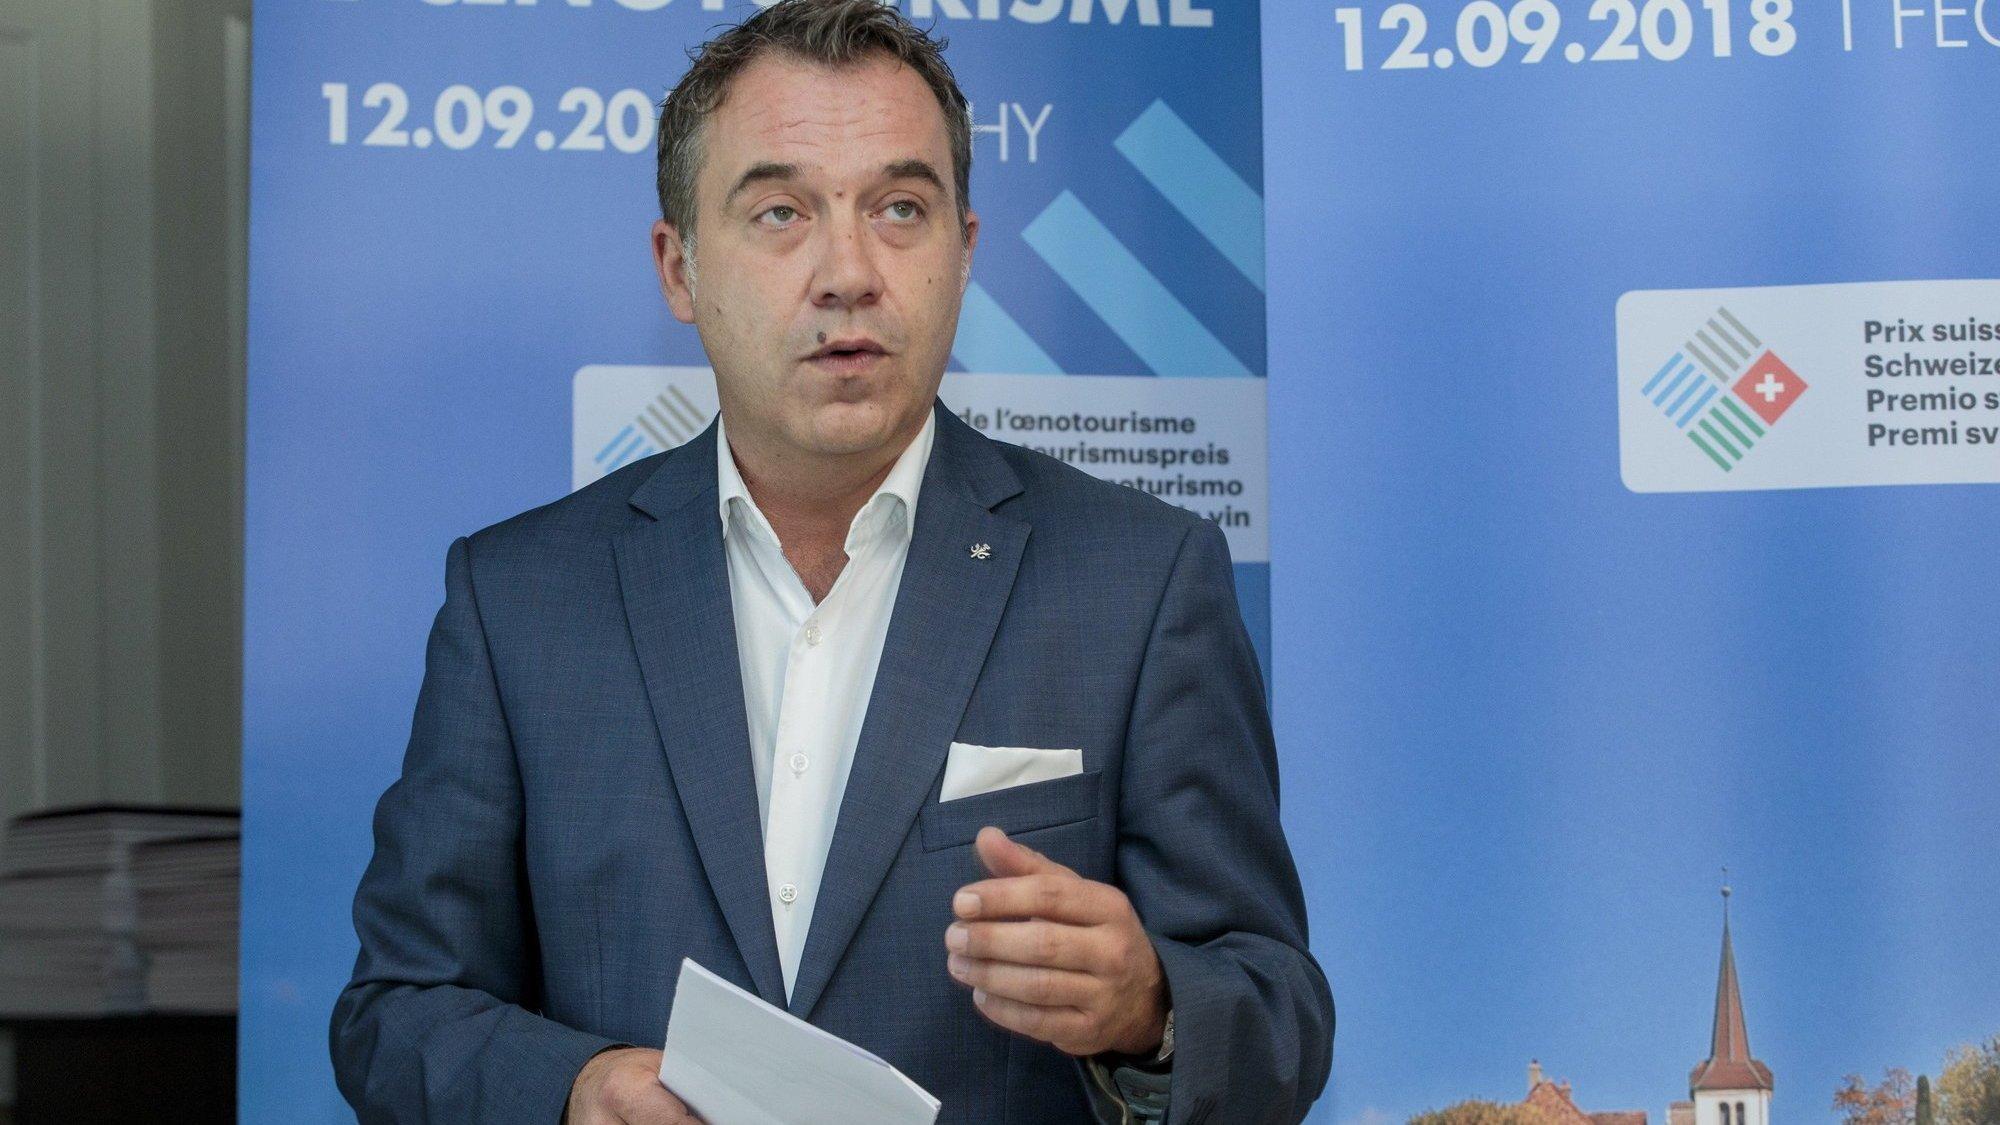 Gilles Meystre, président de Gastrovaud, réagit aux annonces du Conseil fédéral de ce mercredi.